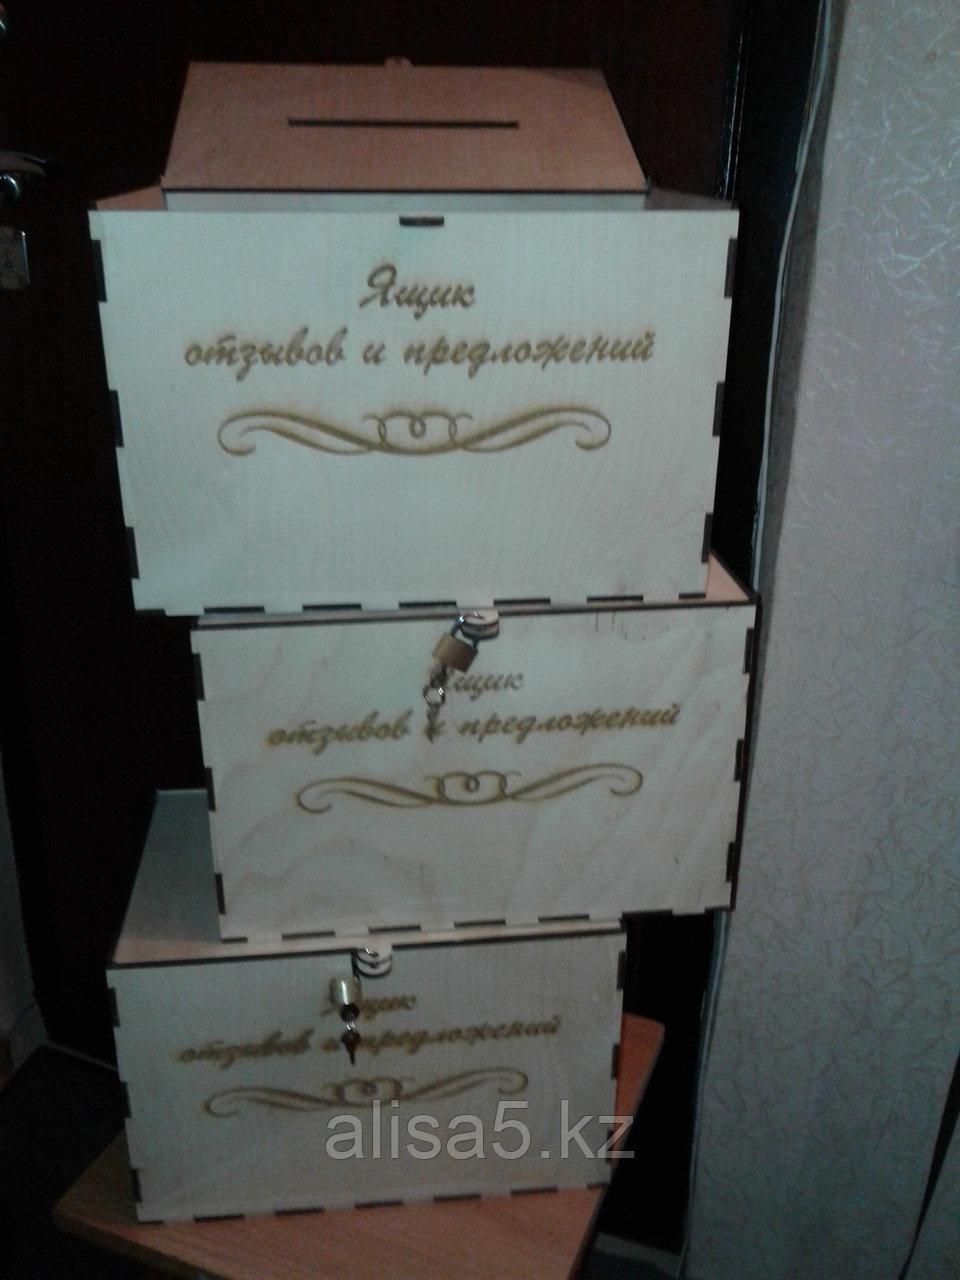 Ящик отзывов и предложений деревянный 20*20*30 см с замком